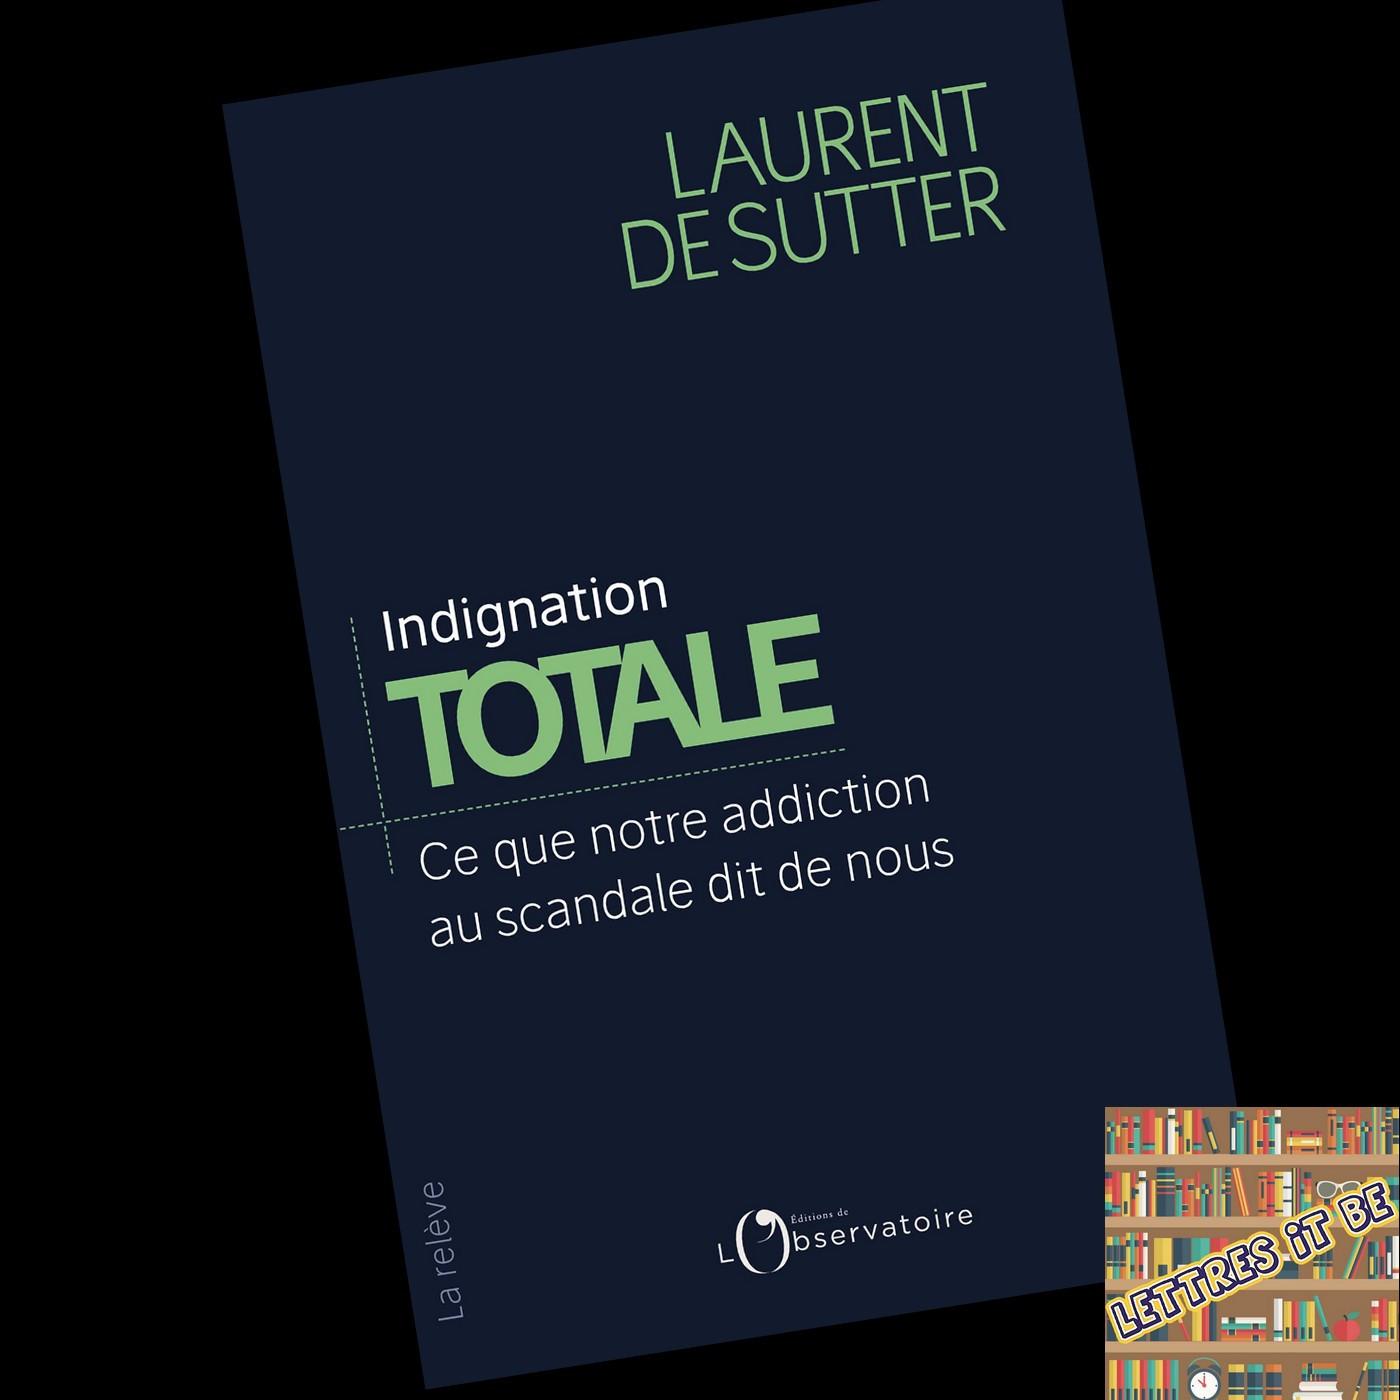 Critique d'Indignation totale. Ce que notre addiction au scandale dit de nous de Laurent de Sutter (Livre)